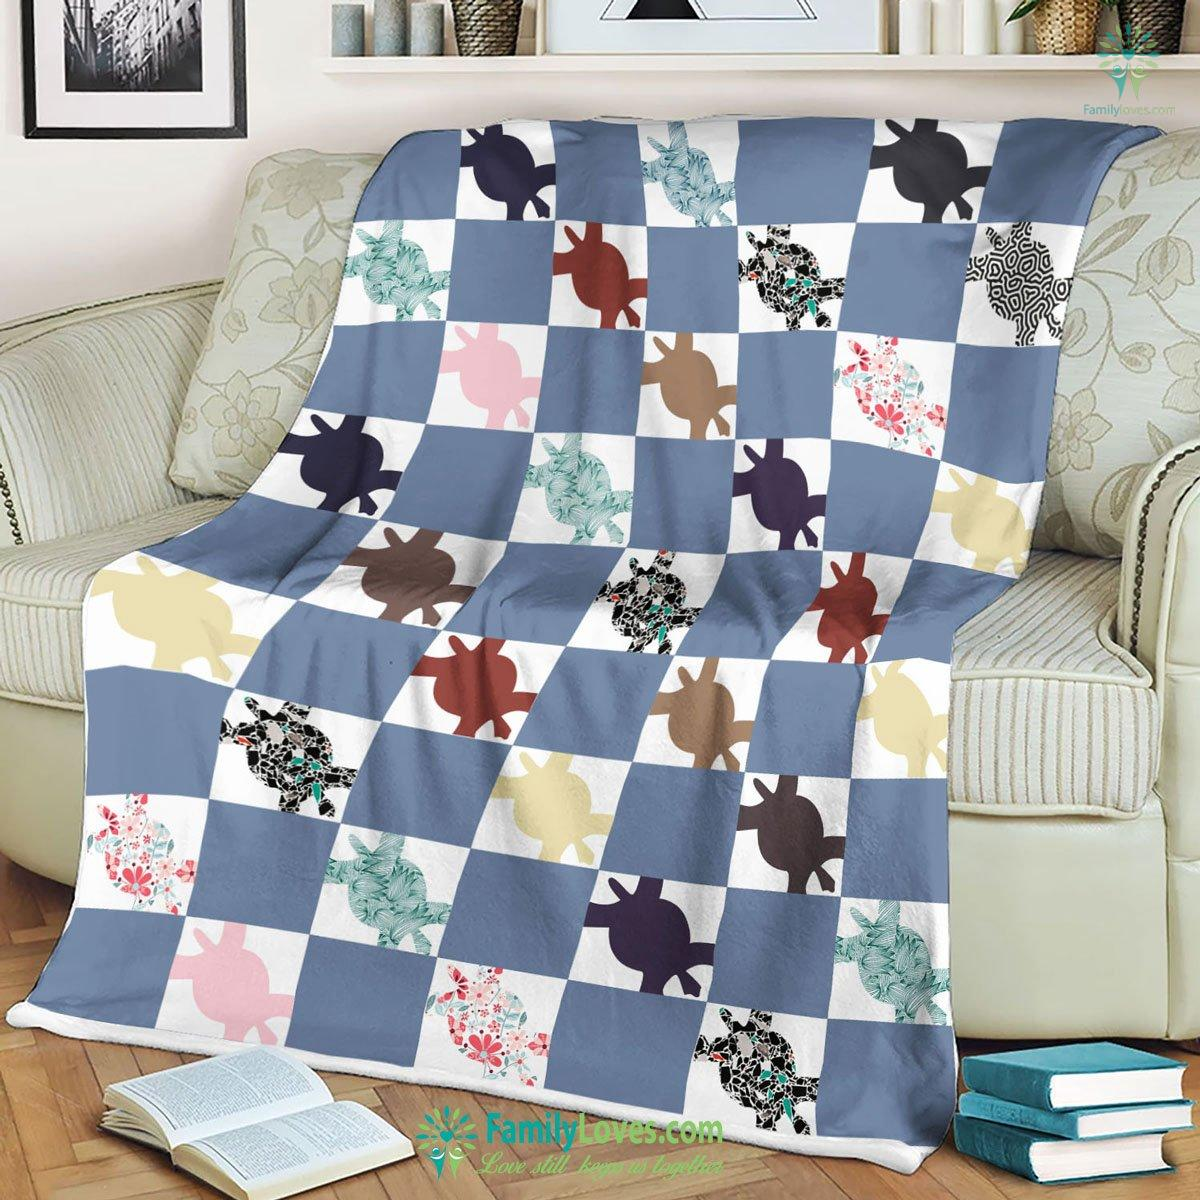 Turtle Blanket 18 Familyloves.com